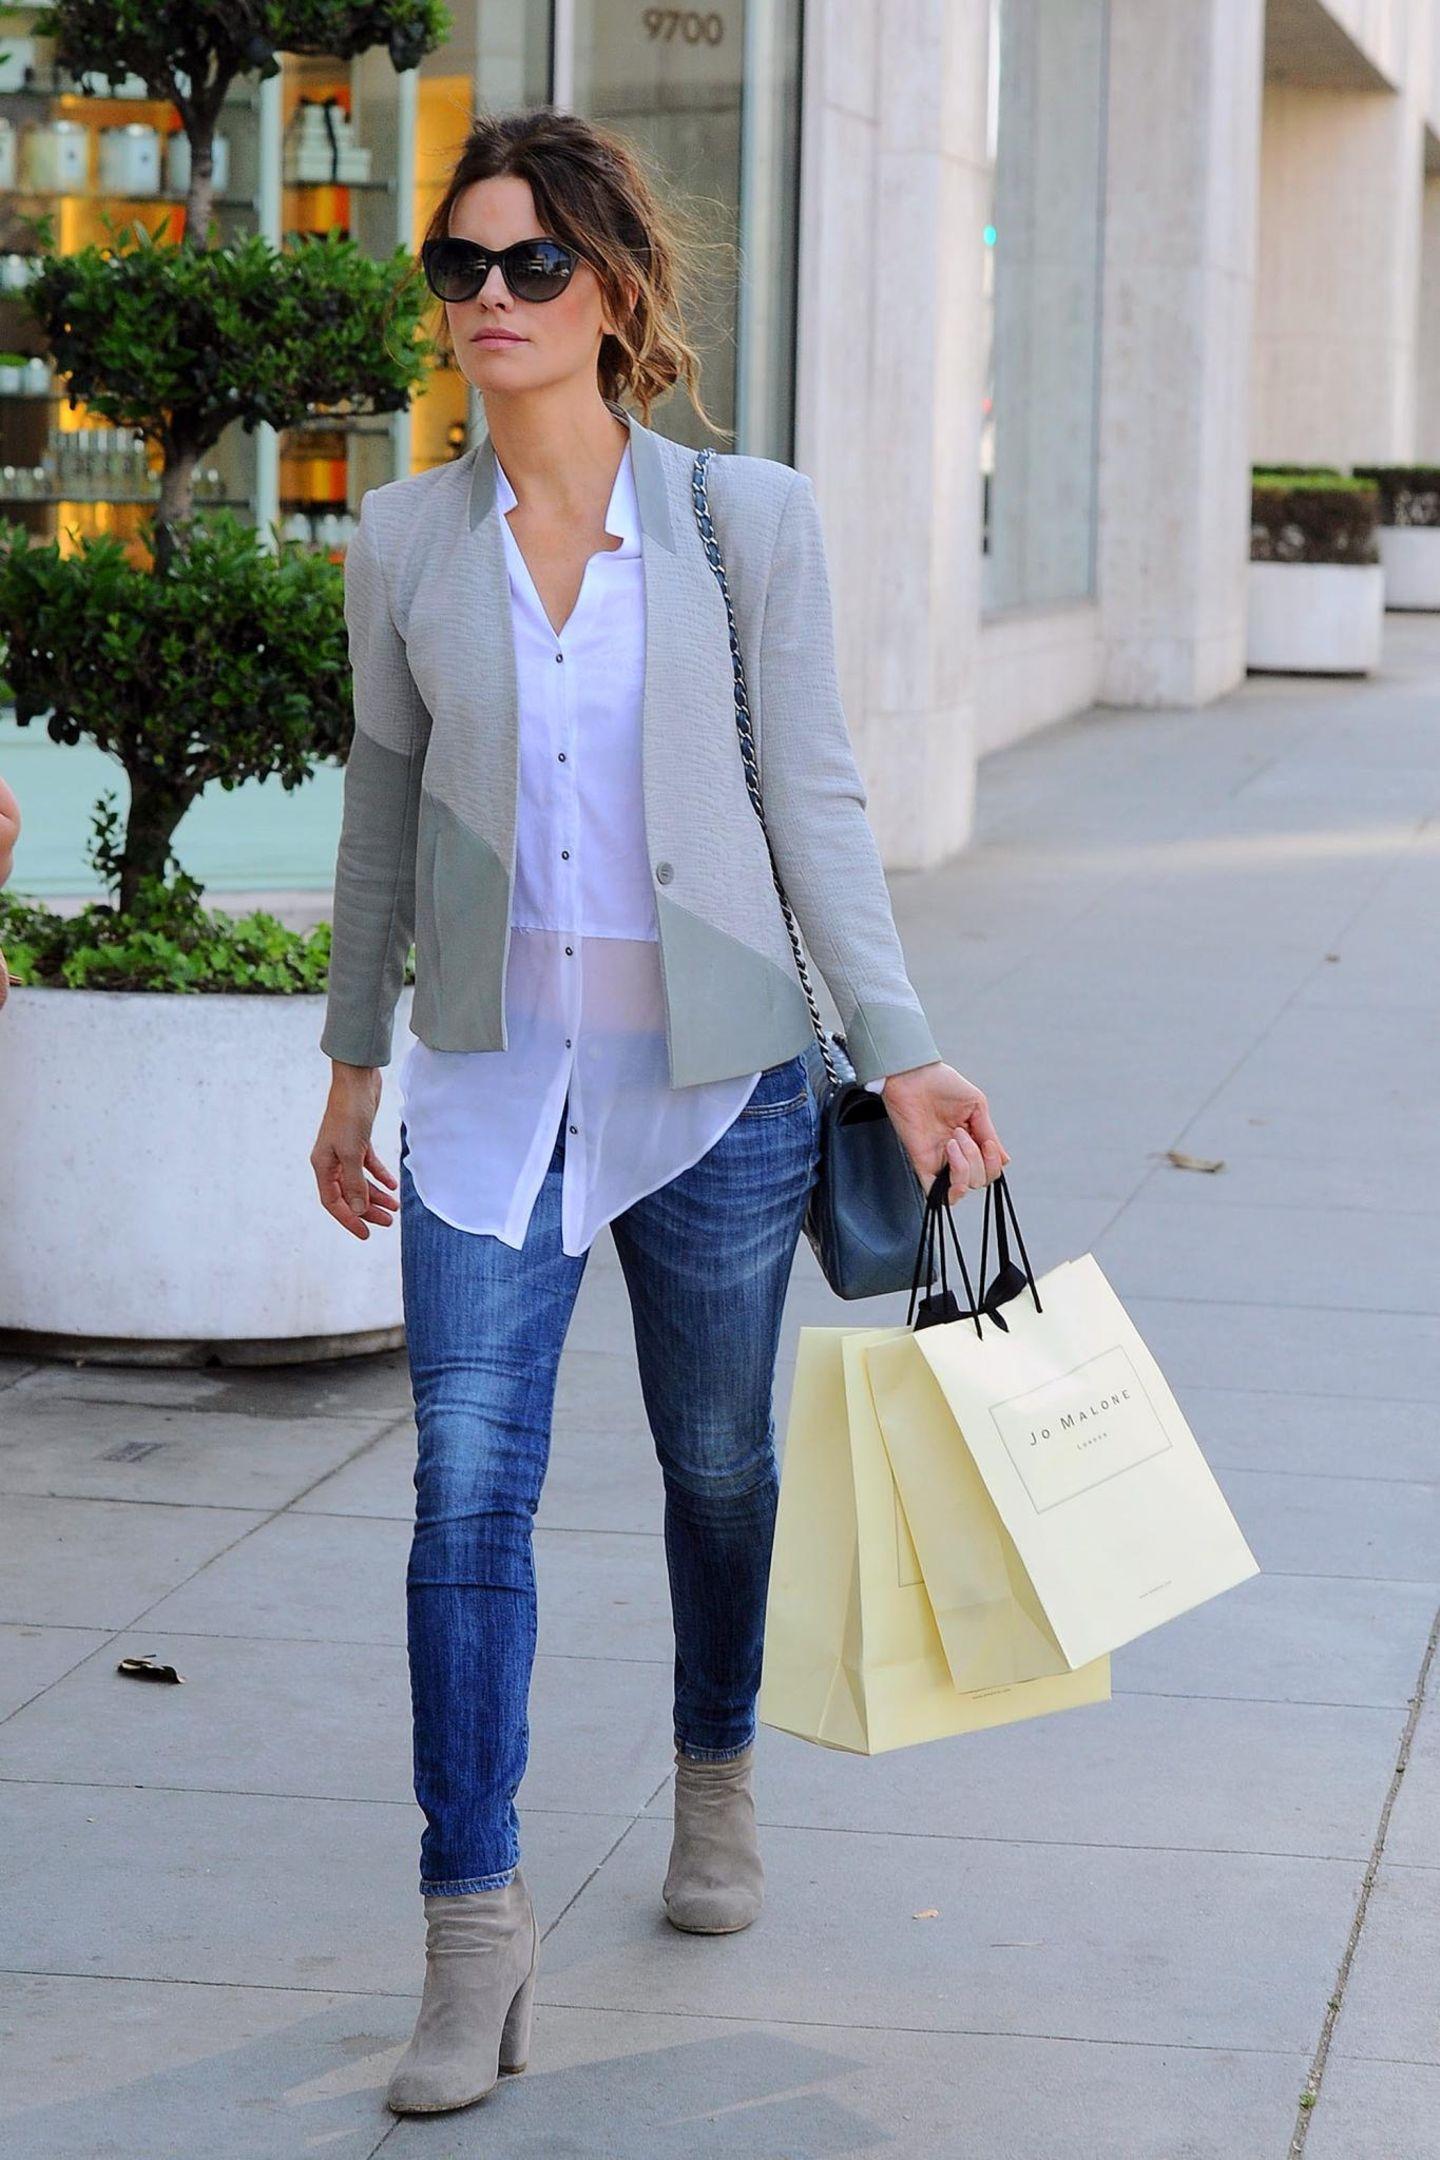 Kate Beckinsale hat ausgiebig bei Jo Malone in Los Angeles eingekauft. Das verraten ihre Tüten.